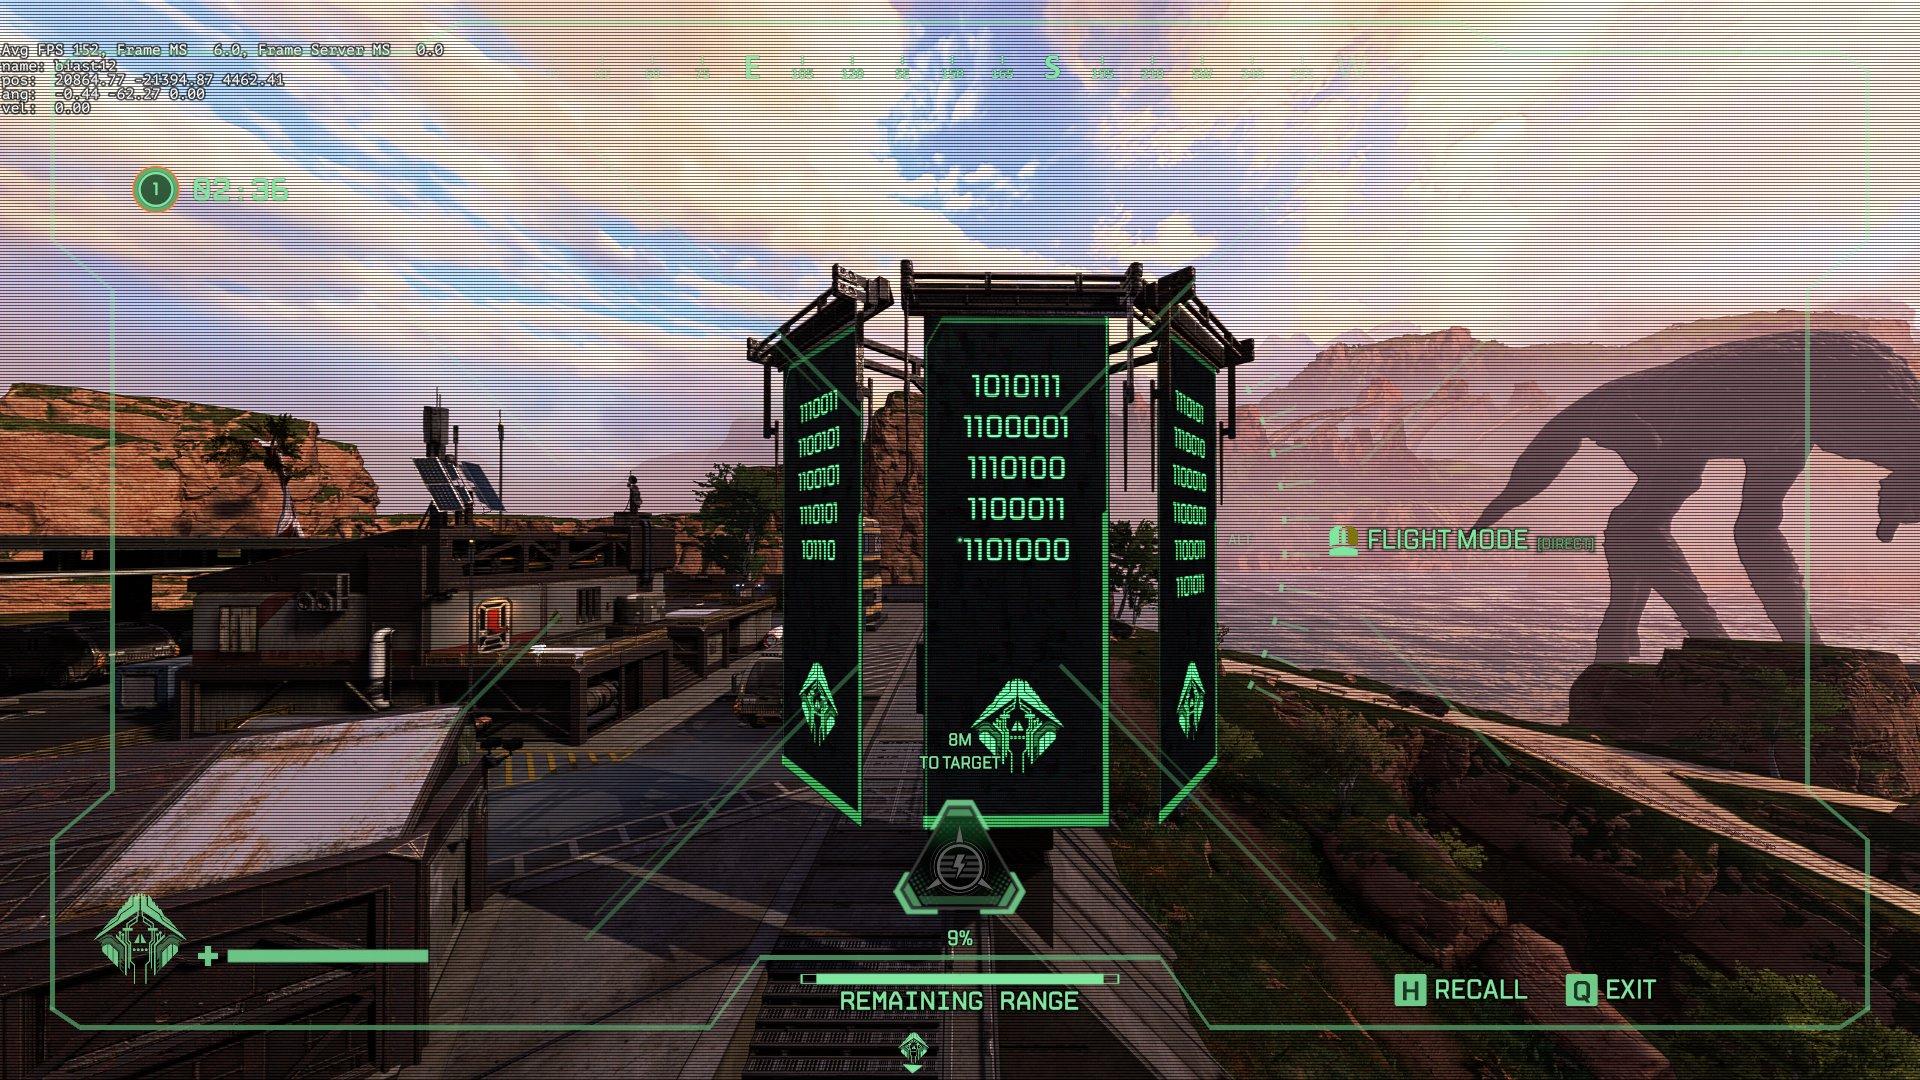 【速報】「クリプトからの新しい暗号」がゲーム内にまた追加された模様!データマイナーによる解析まとめ